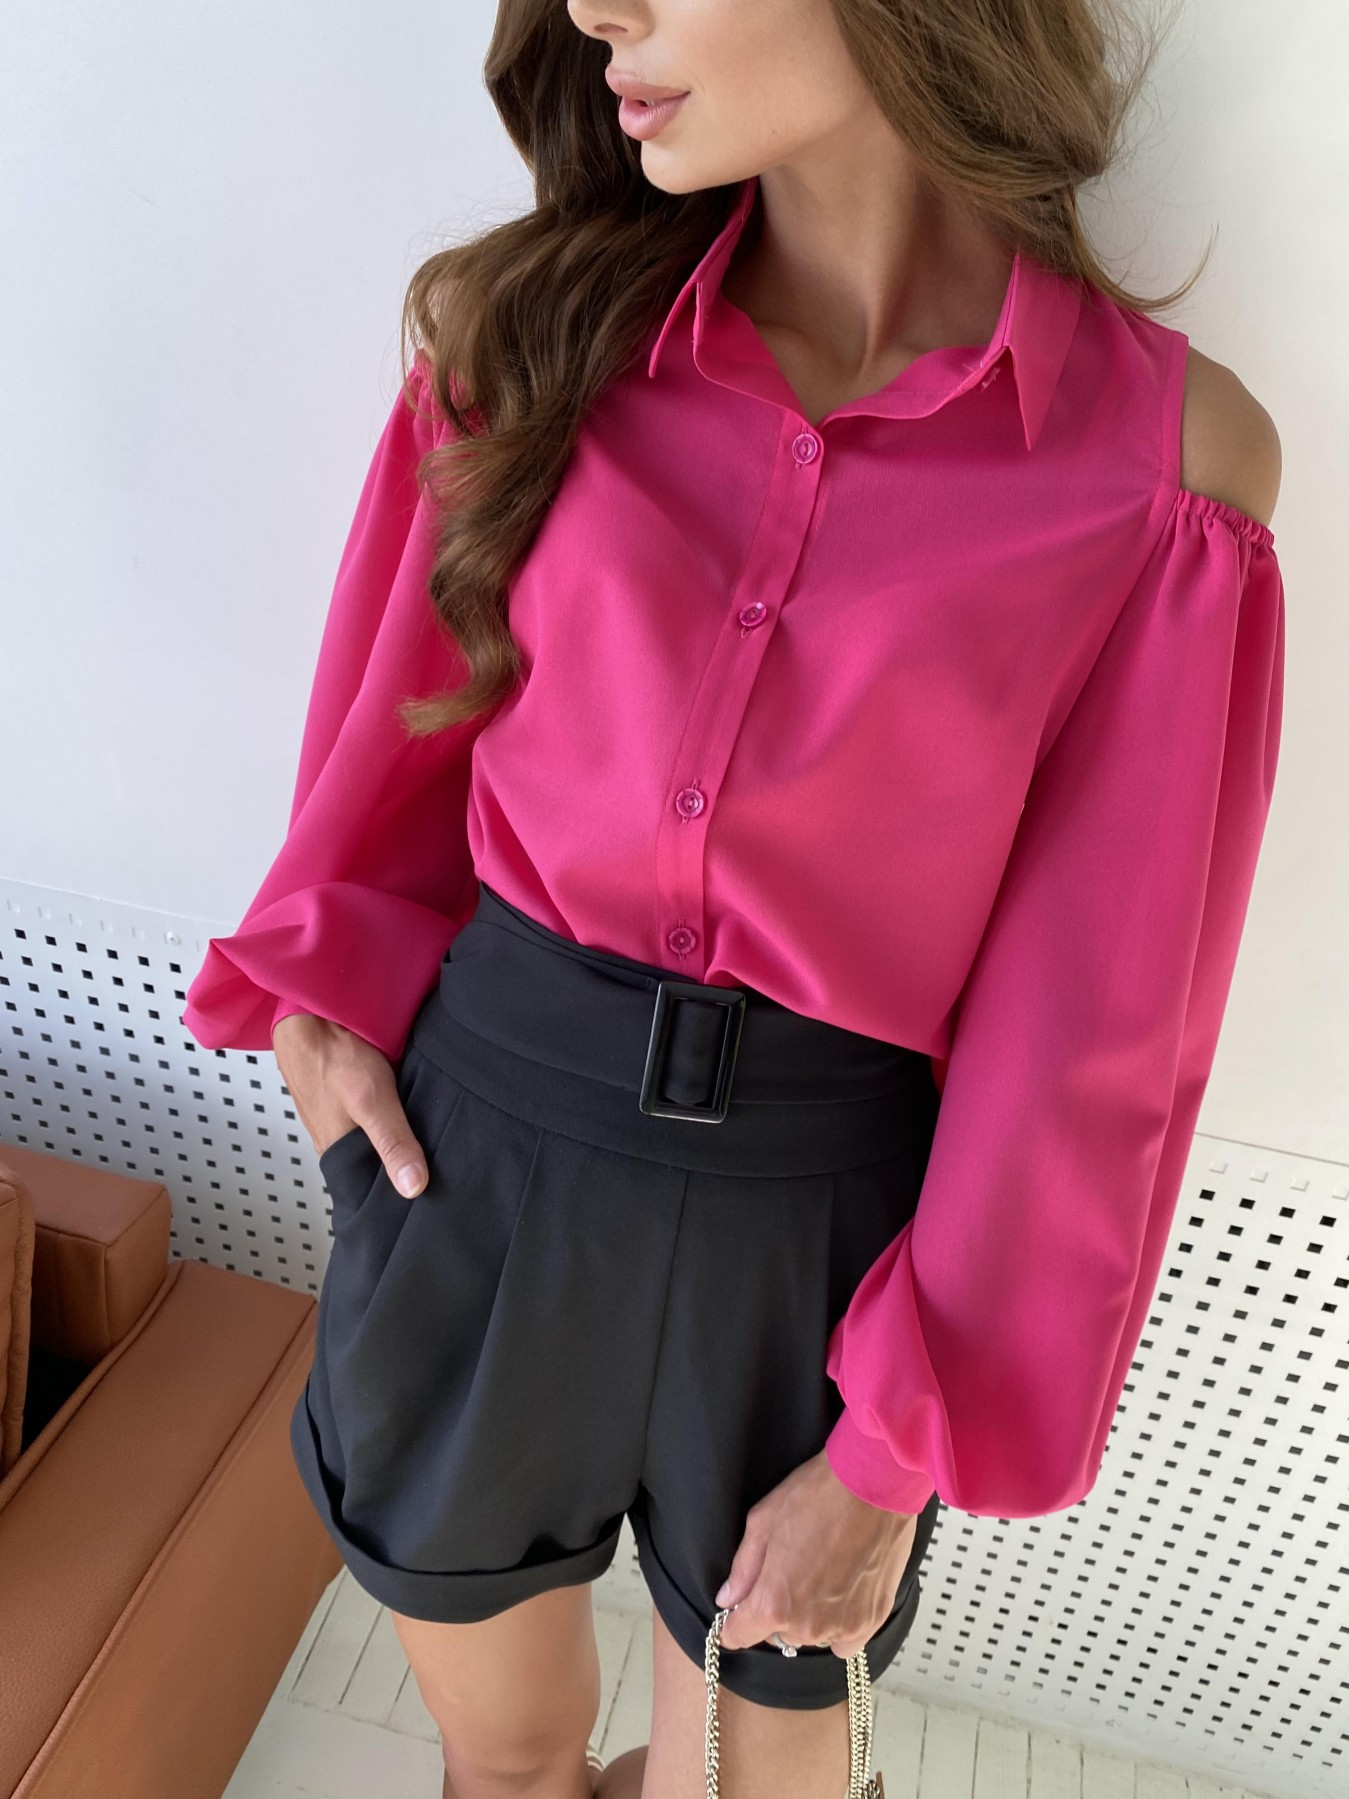 Адель блуза из креп креш шифона 11657 АРТ. 48372 Цвет: Малиновый - фото 4, интернет магазин tm-modus.ru